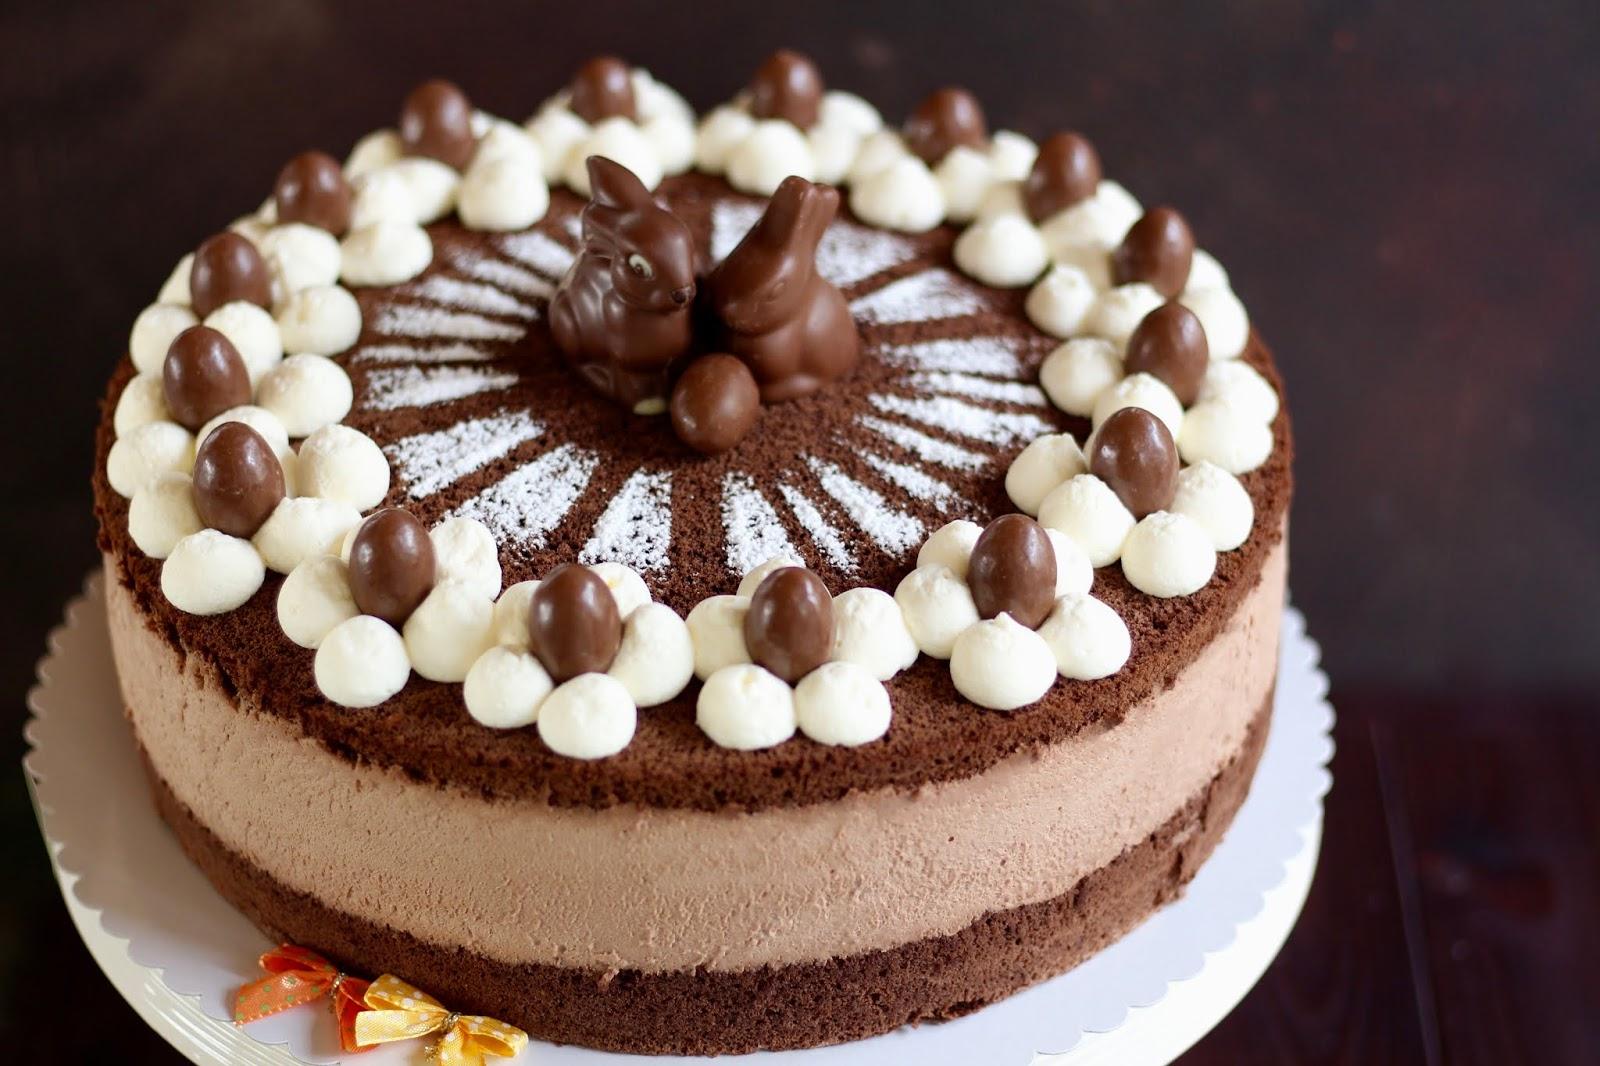 Die beste Schoko-Käse-Sahne-Torte backen! Traumhafte Ostertorte mit viel Schokolade zum 18. Geburtstag! | Rezept und Video von Sugarprinces